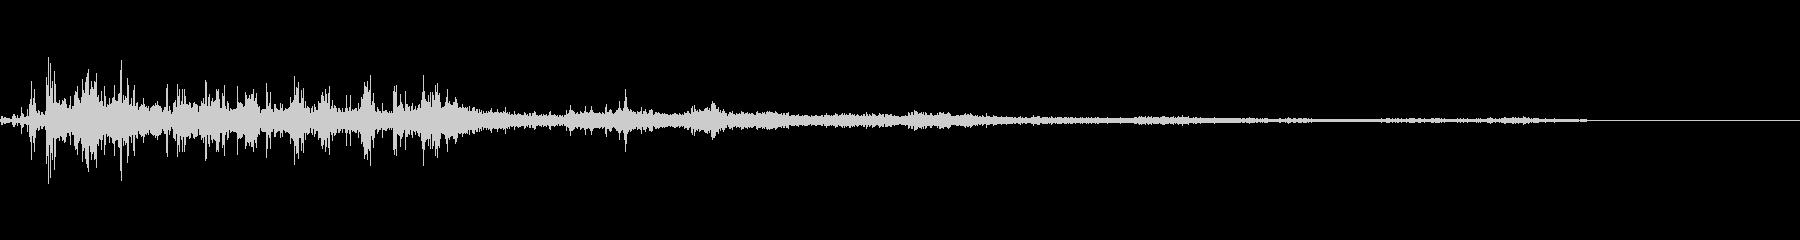 カミナリ(遠雷)-17の未再生の波形